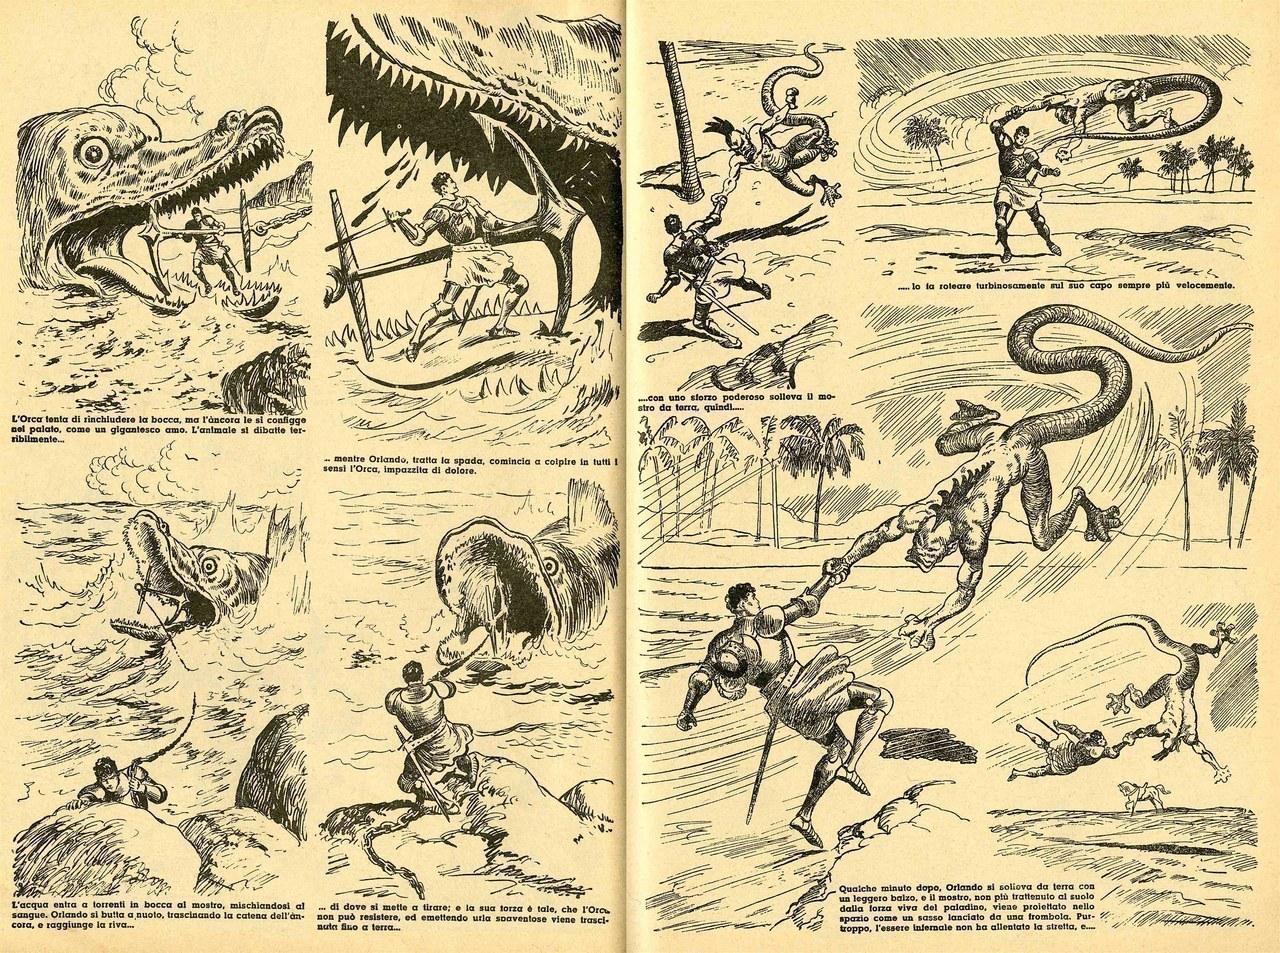 Gian Luigi Bonelli, Rino Albertarelli,Orlando, l'orca marina e il mostruoso Gerione, 1942, [tavv. 51 e 82]